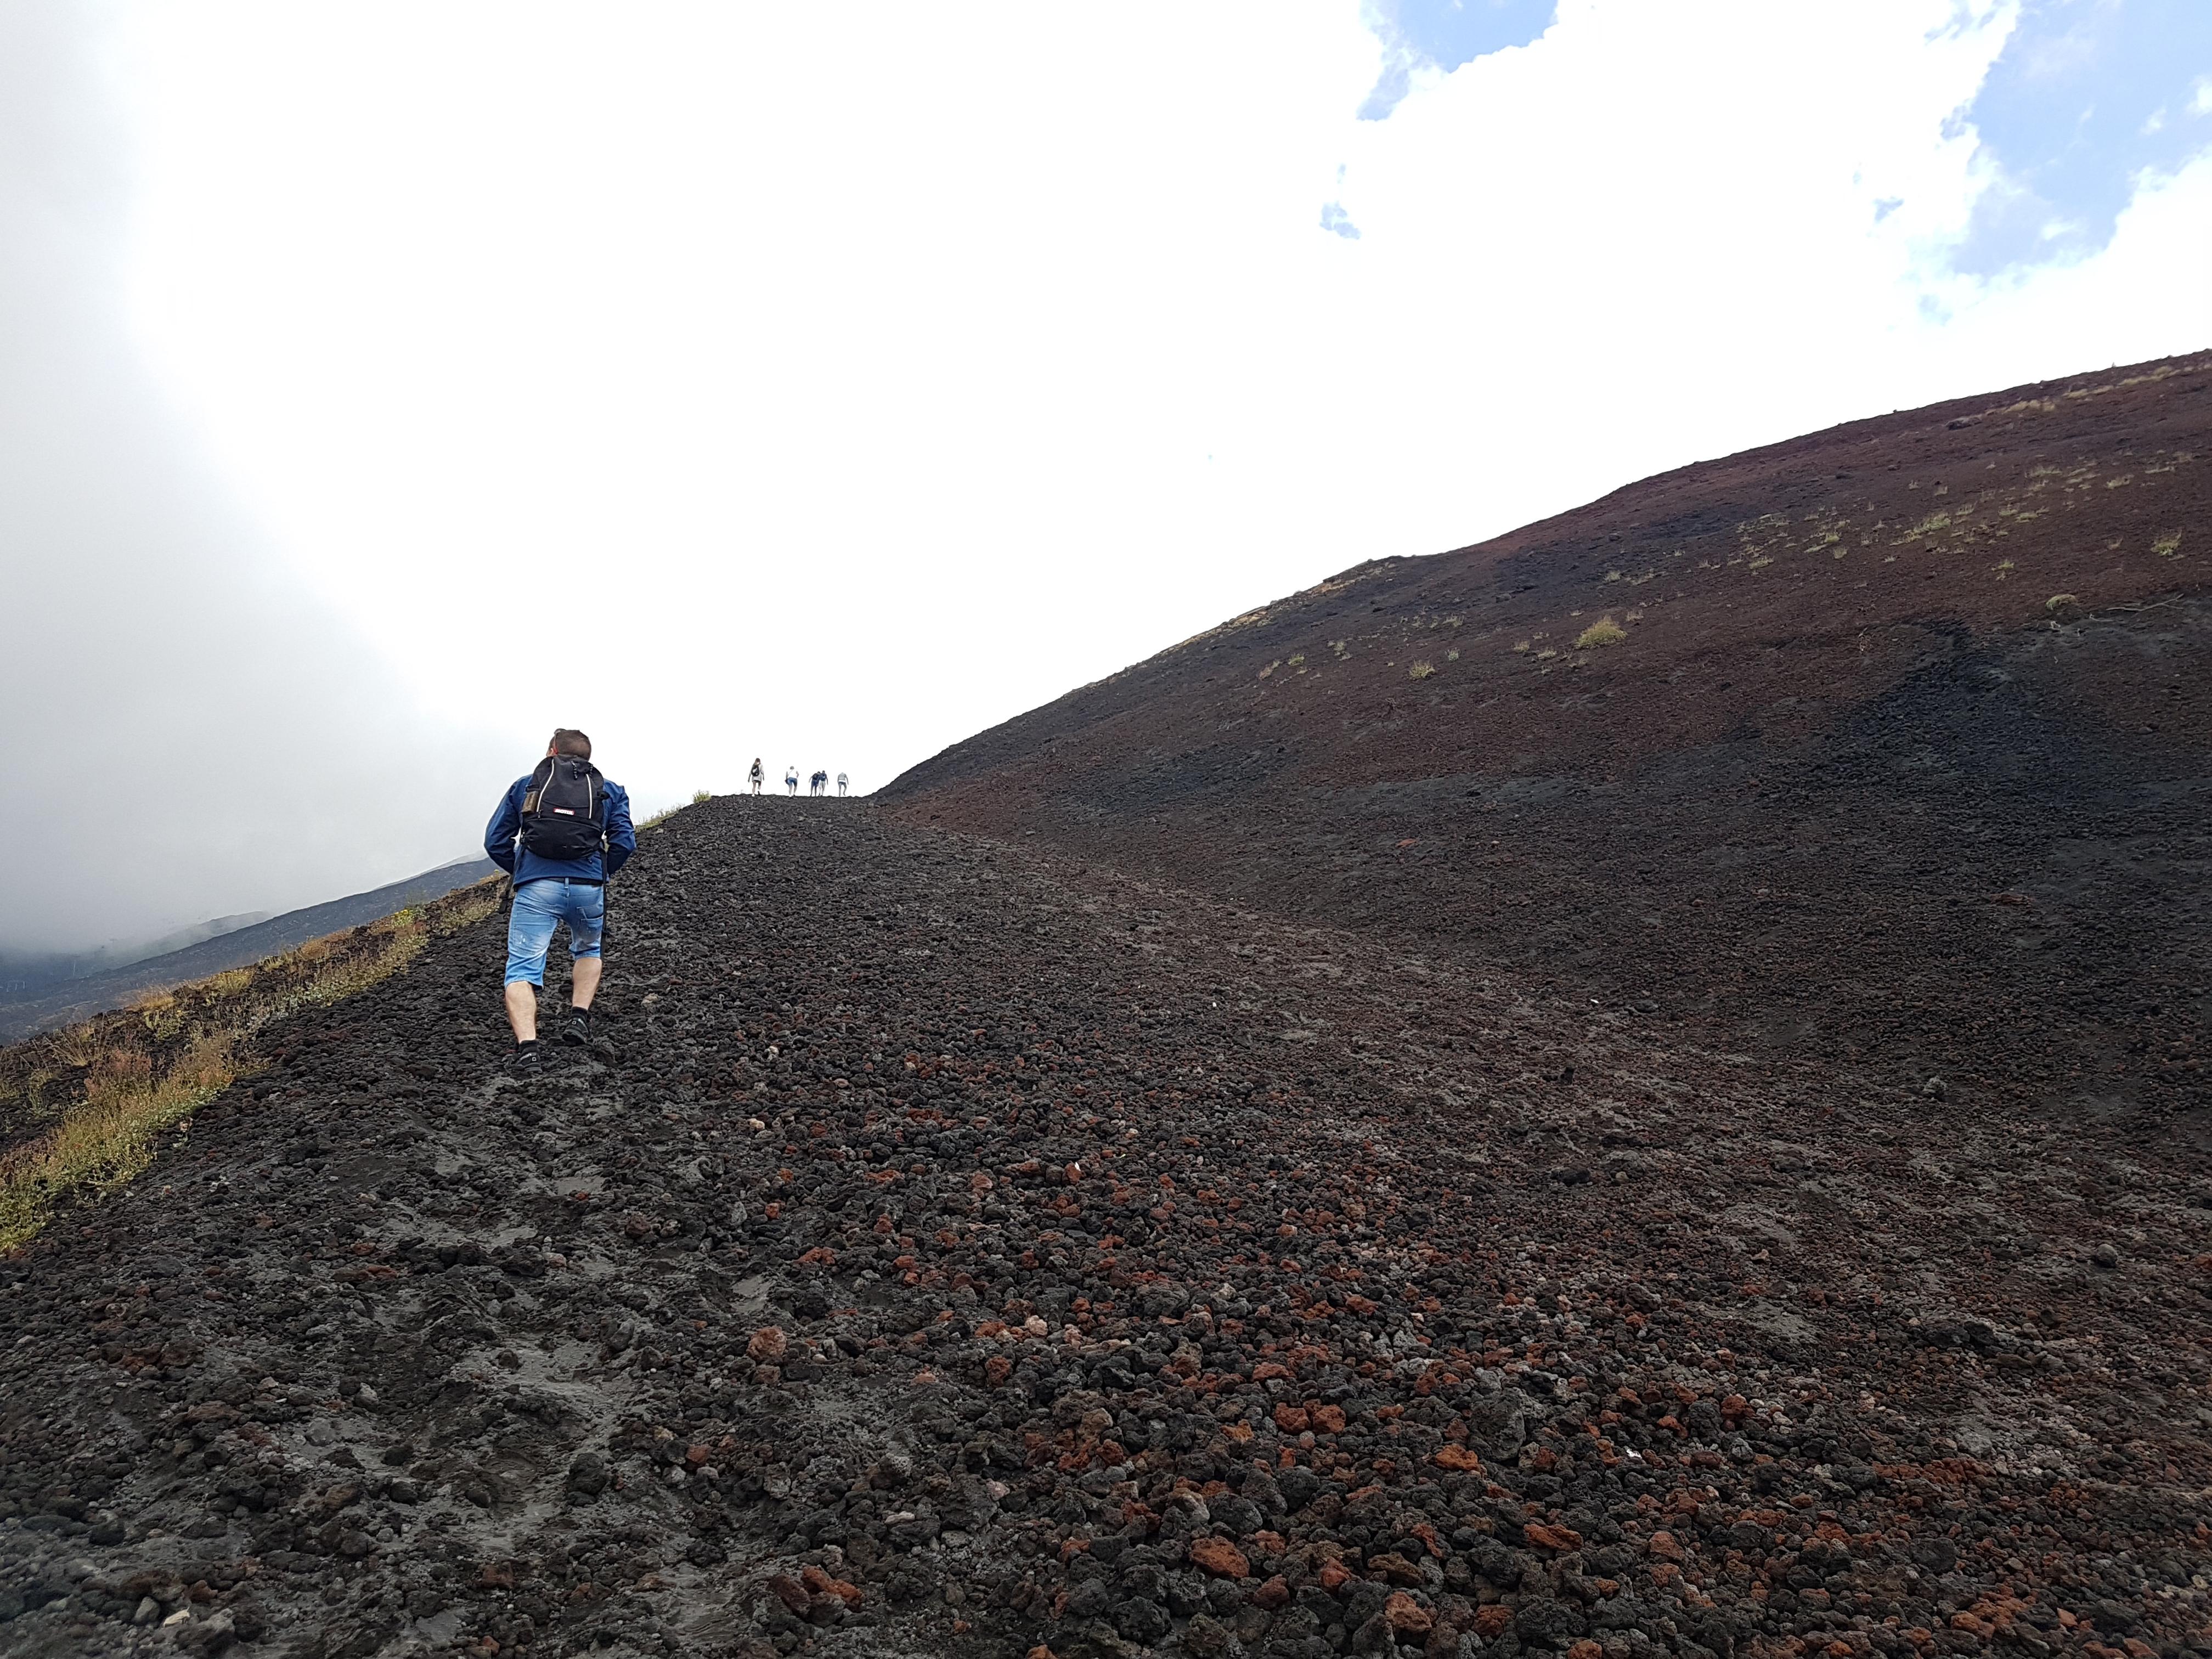 Steile pad naar de top van de Silvestri krater superiore